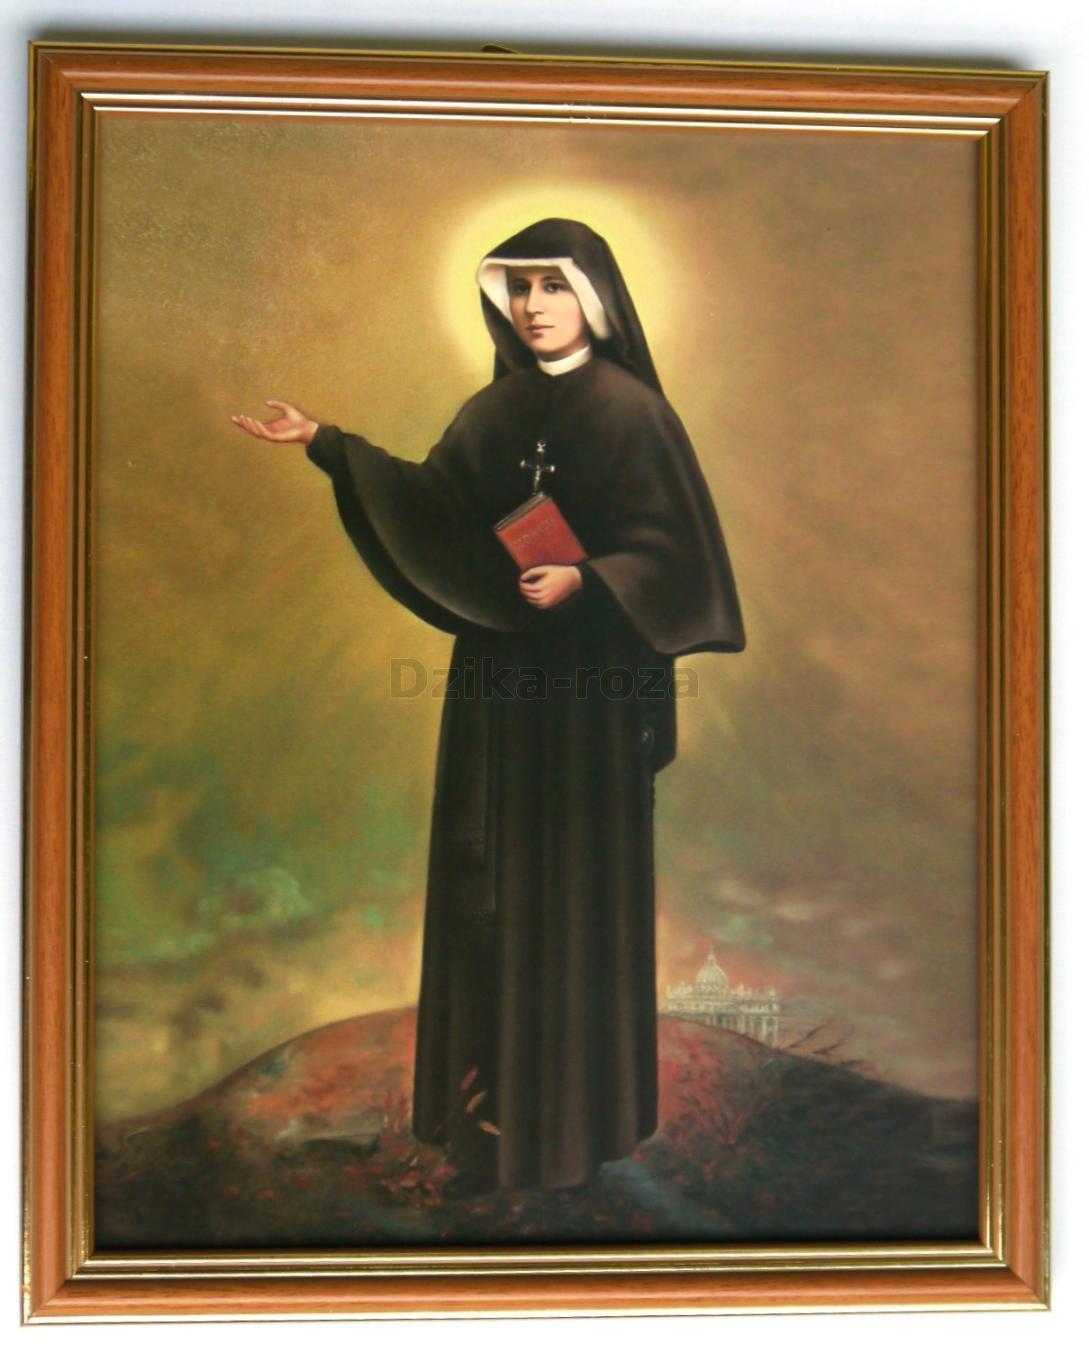 Die Heilige Maria Faustyna Kowalska